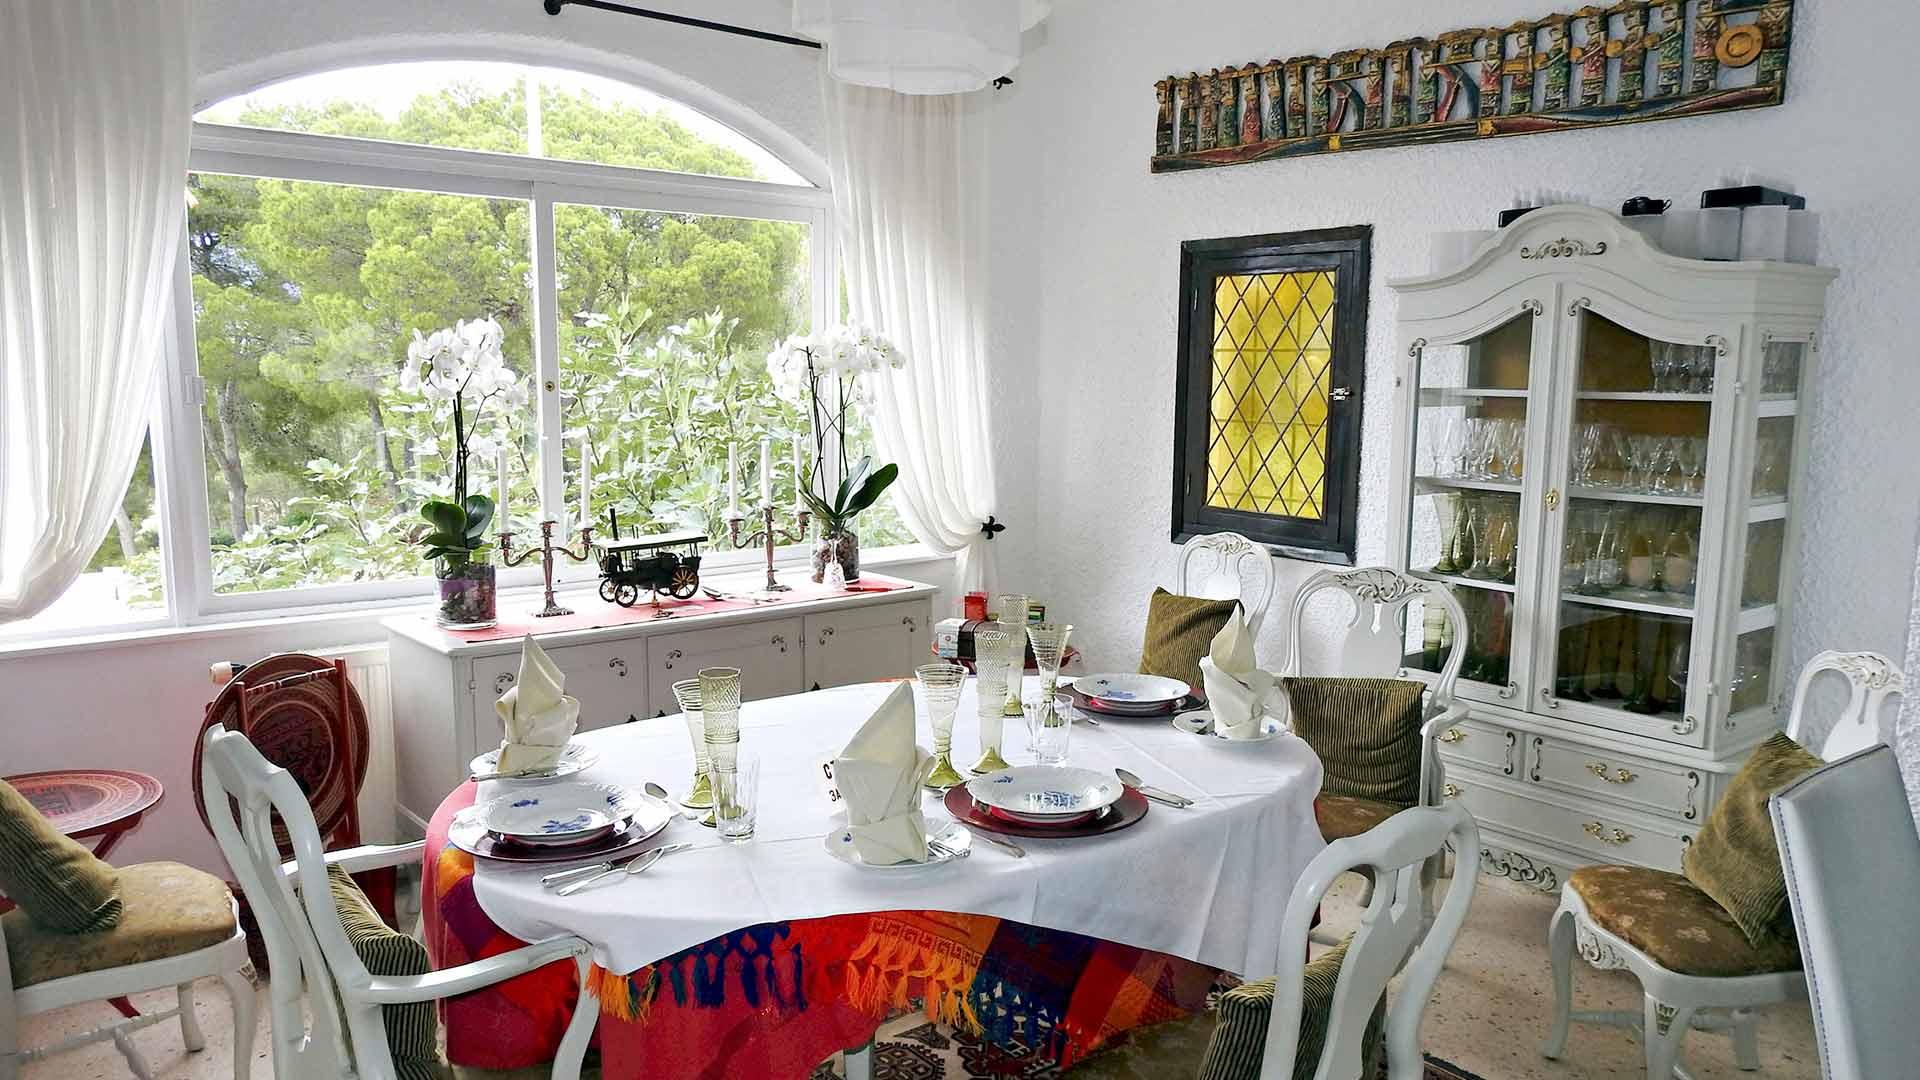 Mika Hartikaisen majatalossa La Haciendassa viihtyy moni suomalainen talvilomailija. Ruoka on maittavaa ja tuttua.